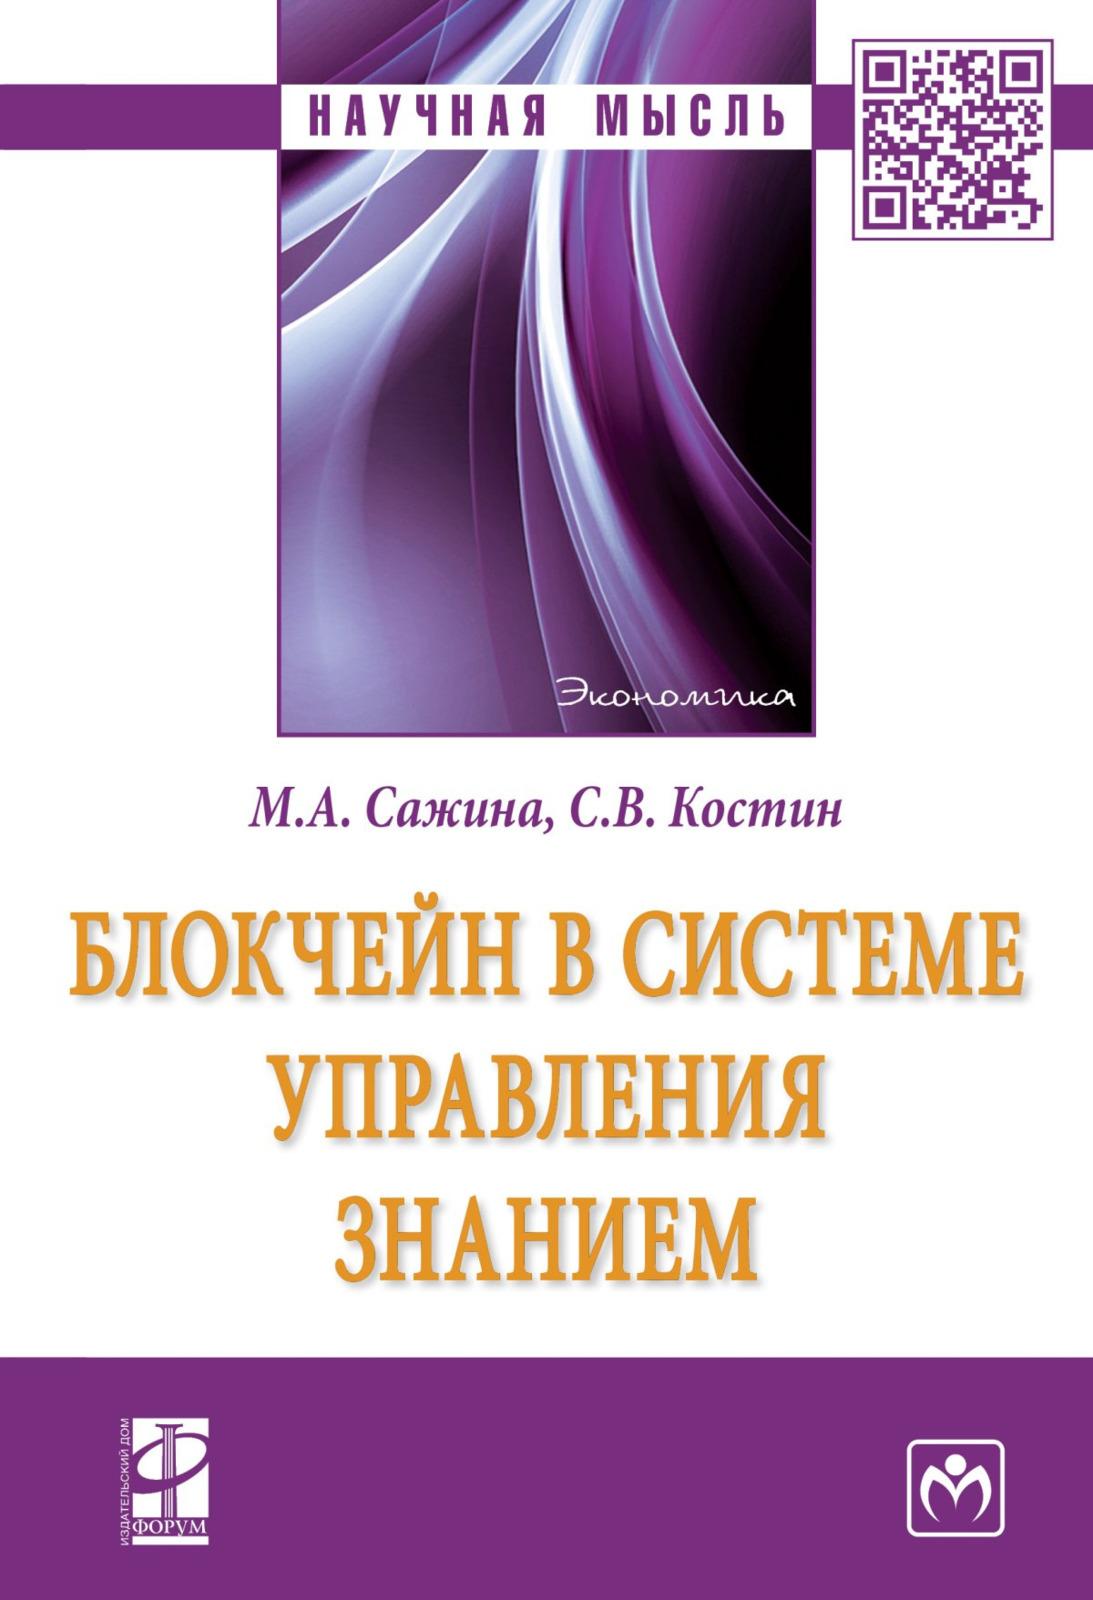 М. А. Сажина,С. В. Костин Блокчейн в системе управления знанием цена и фото